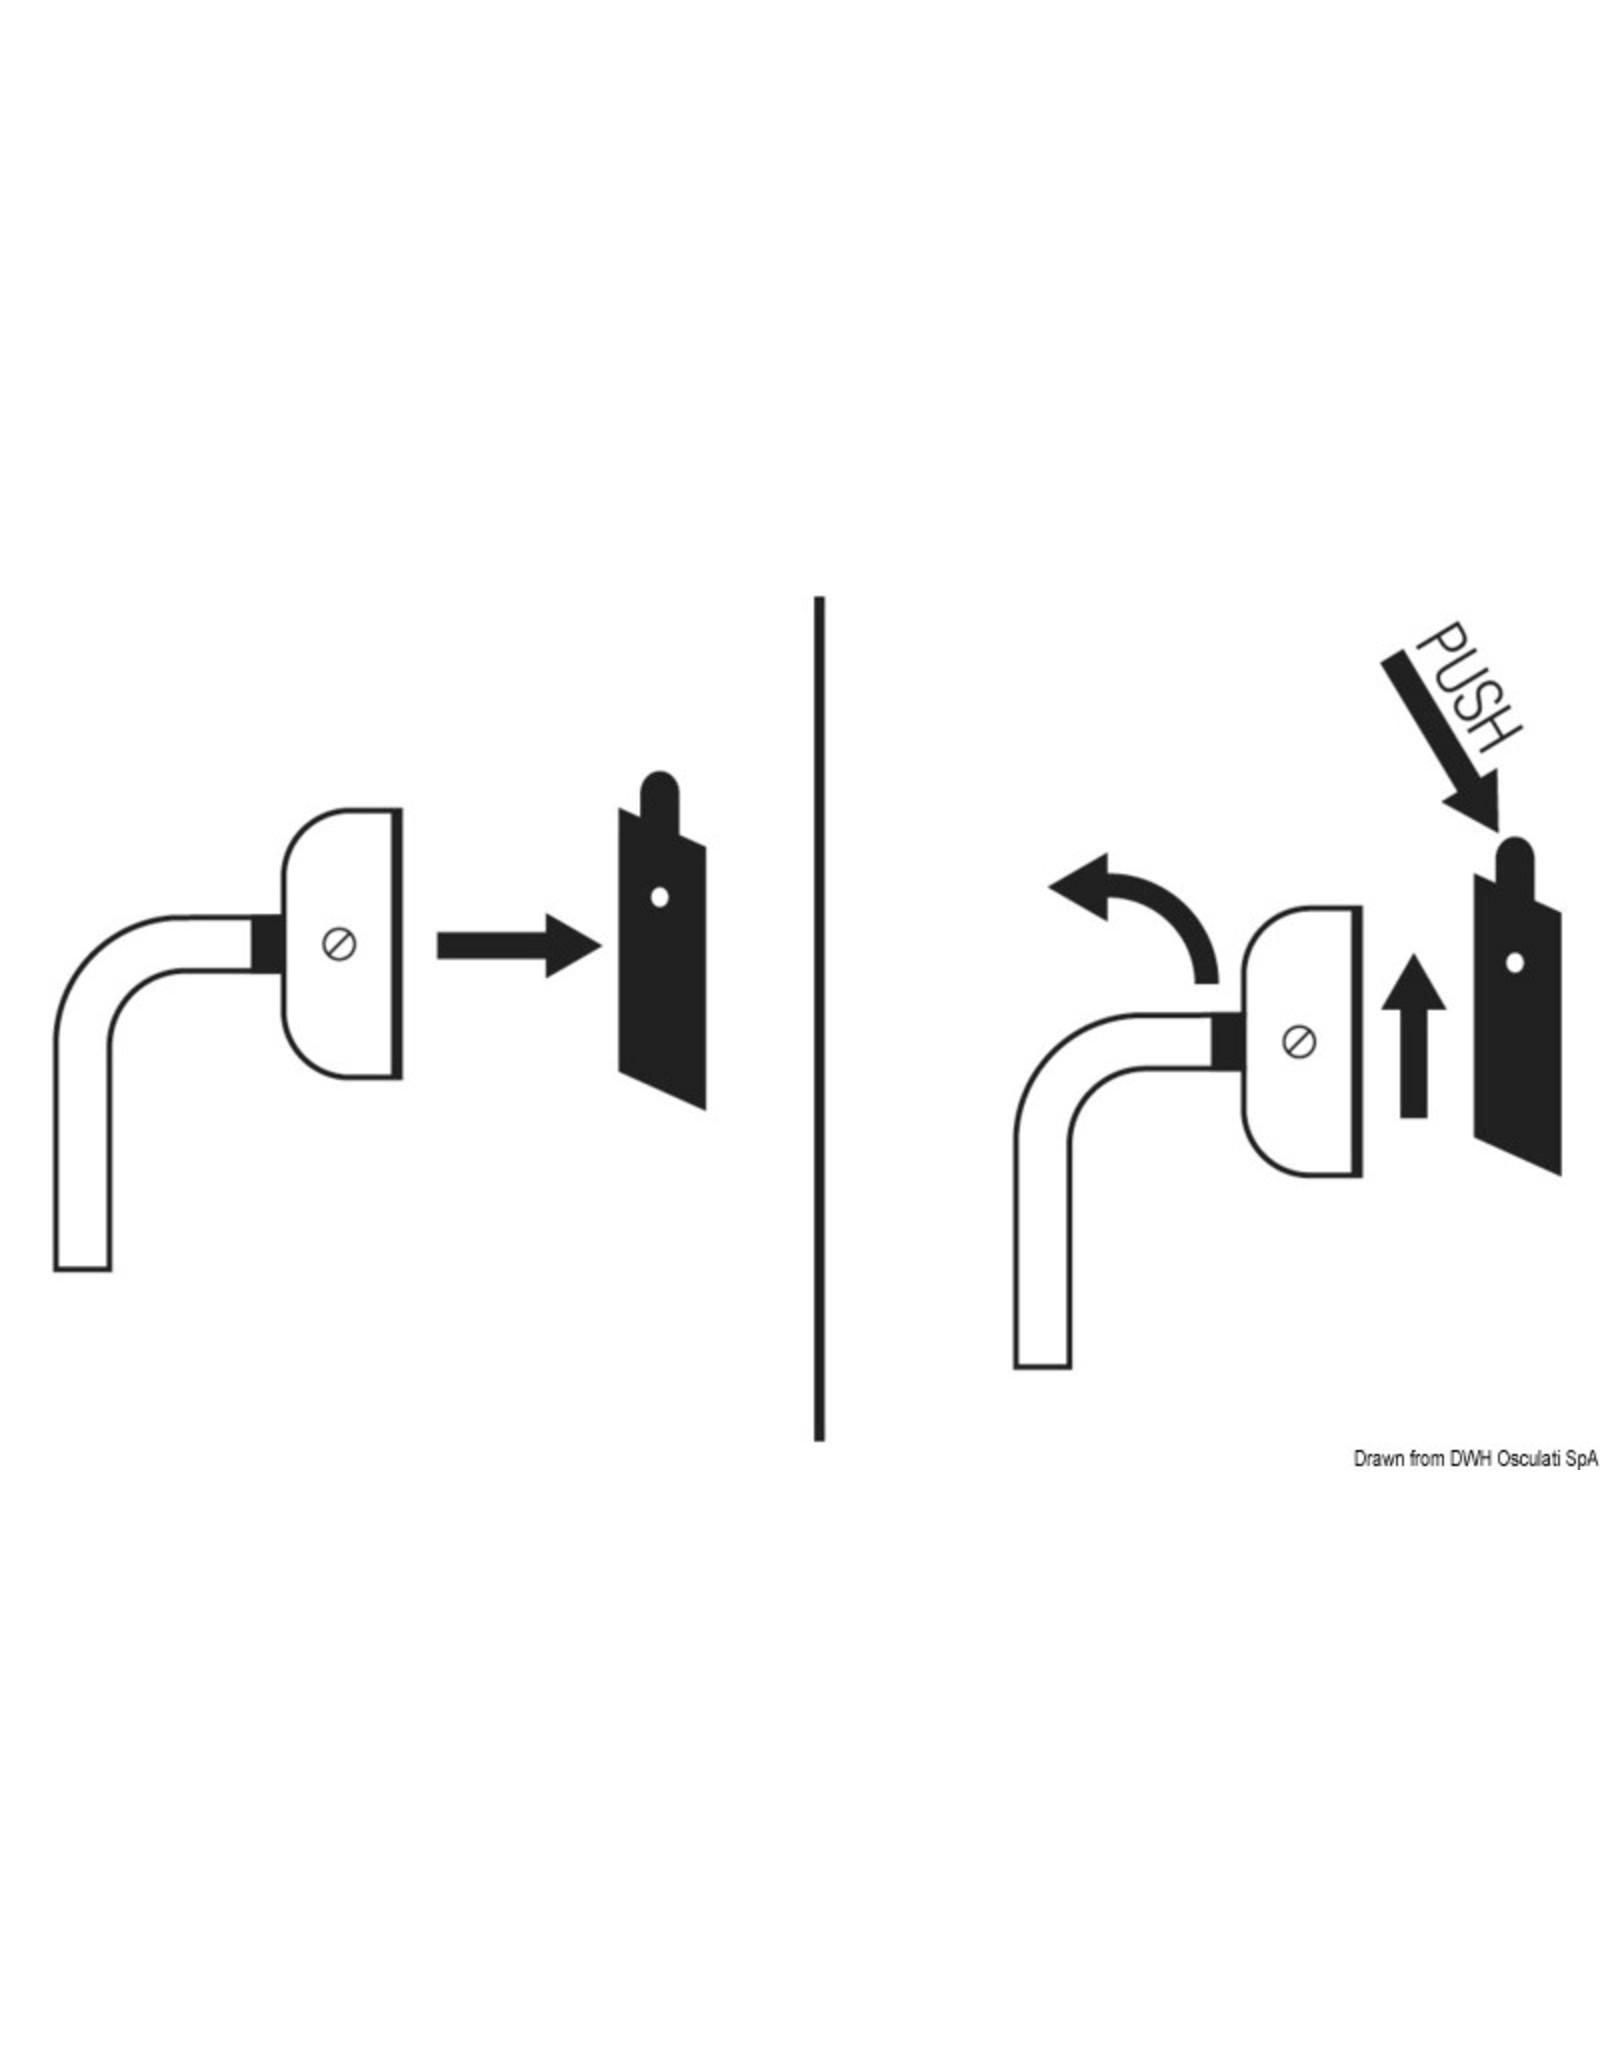 Osculati Snelkoppelingsset voor roestvrijstalen ladders